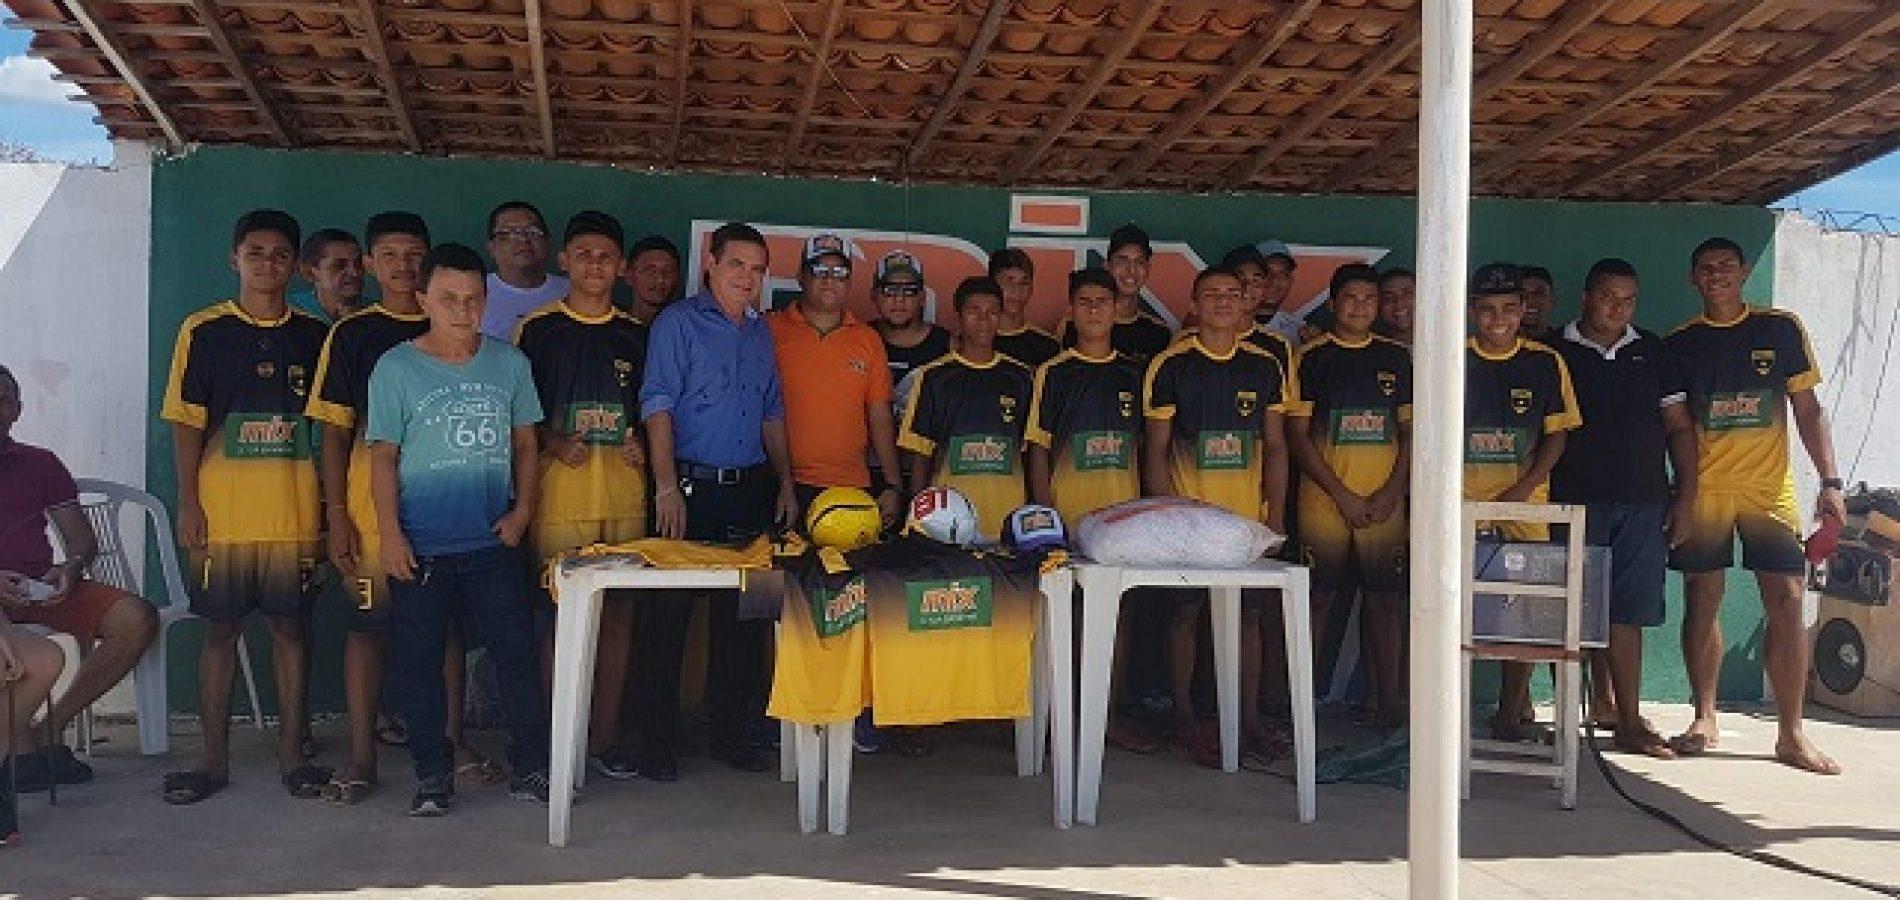 Prefeito Erculano entrega uniforme a equipe de futebol do povoado Cacimbinha